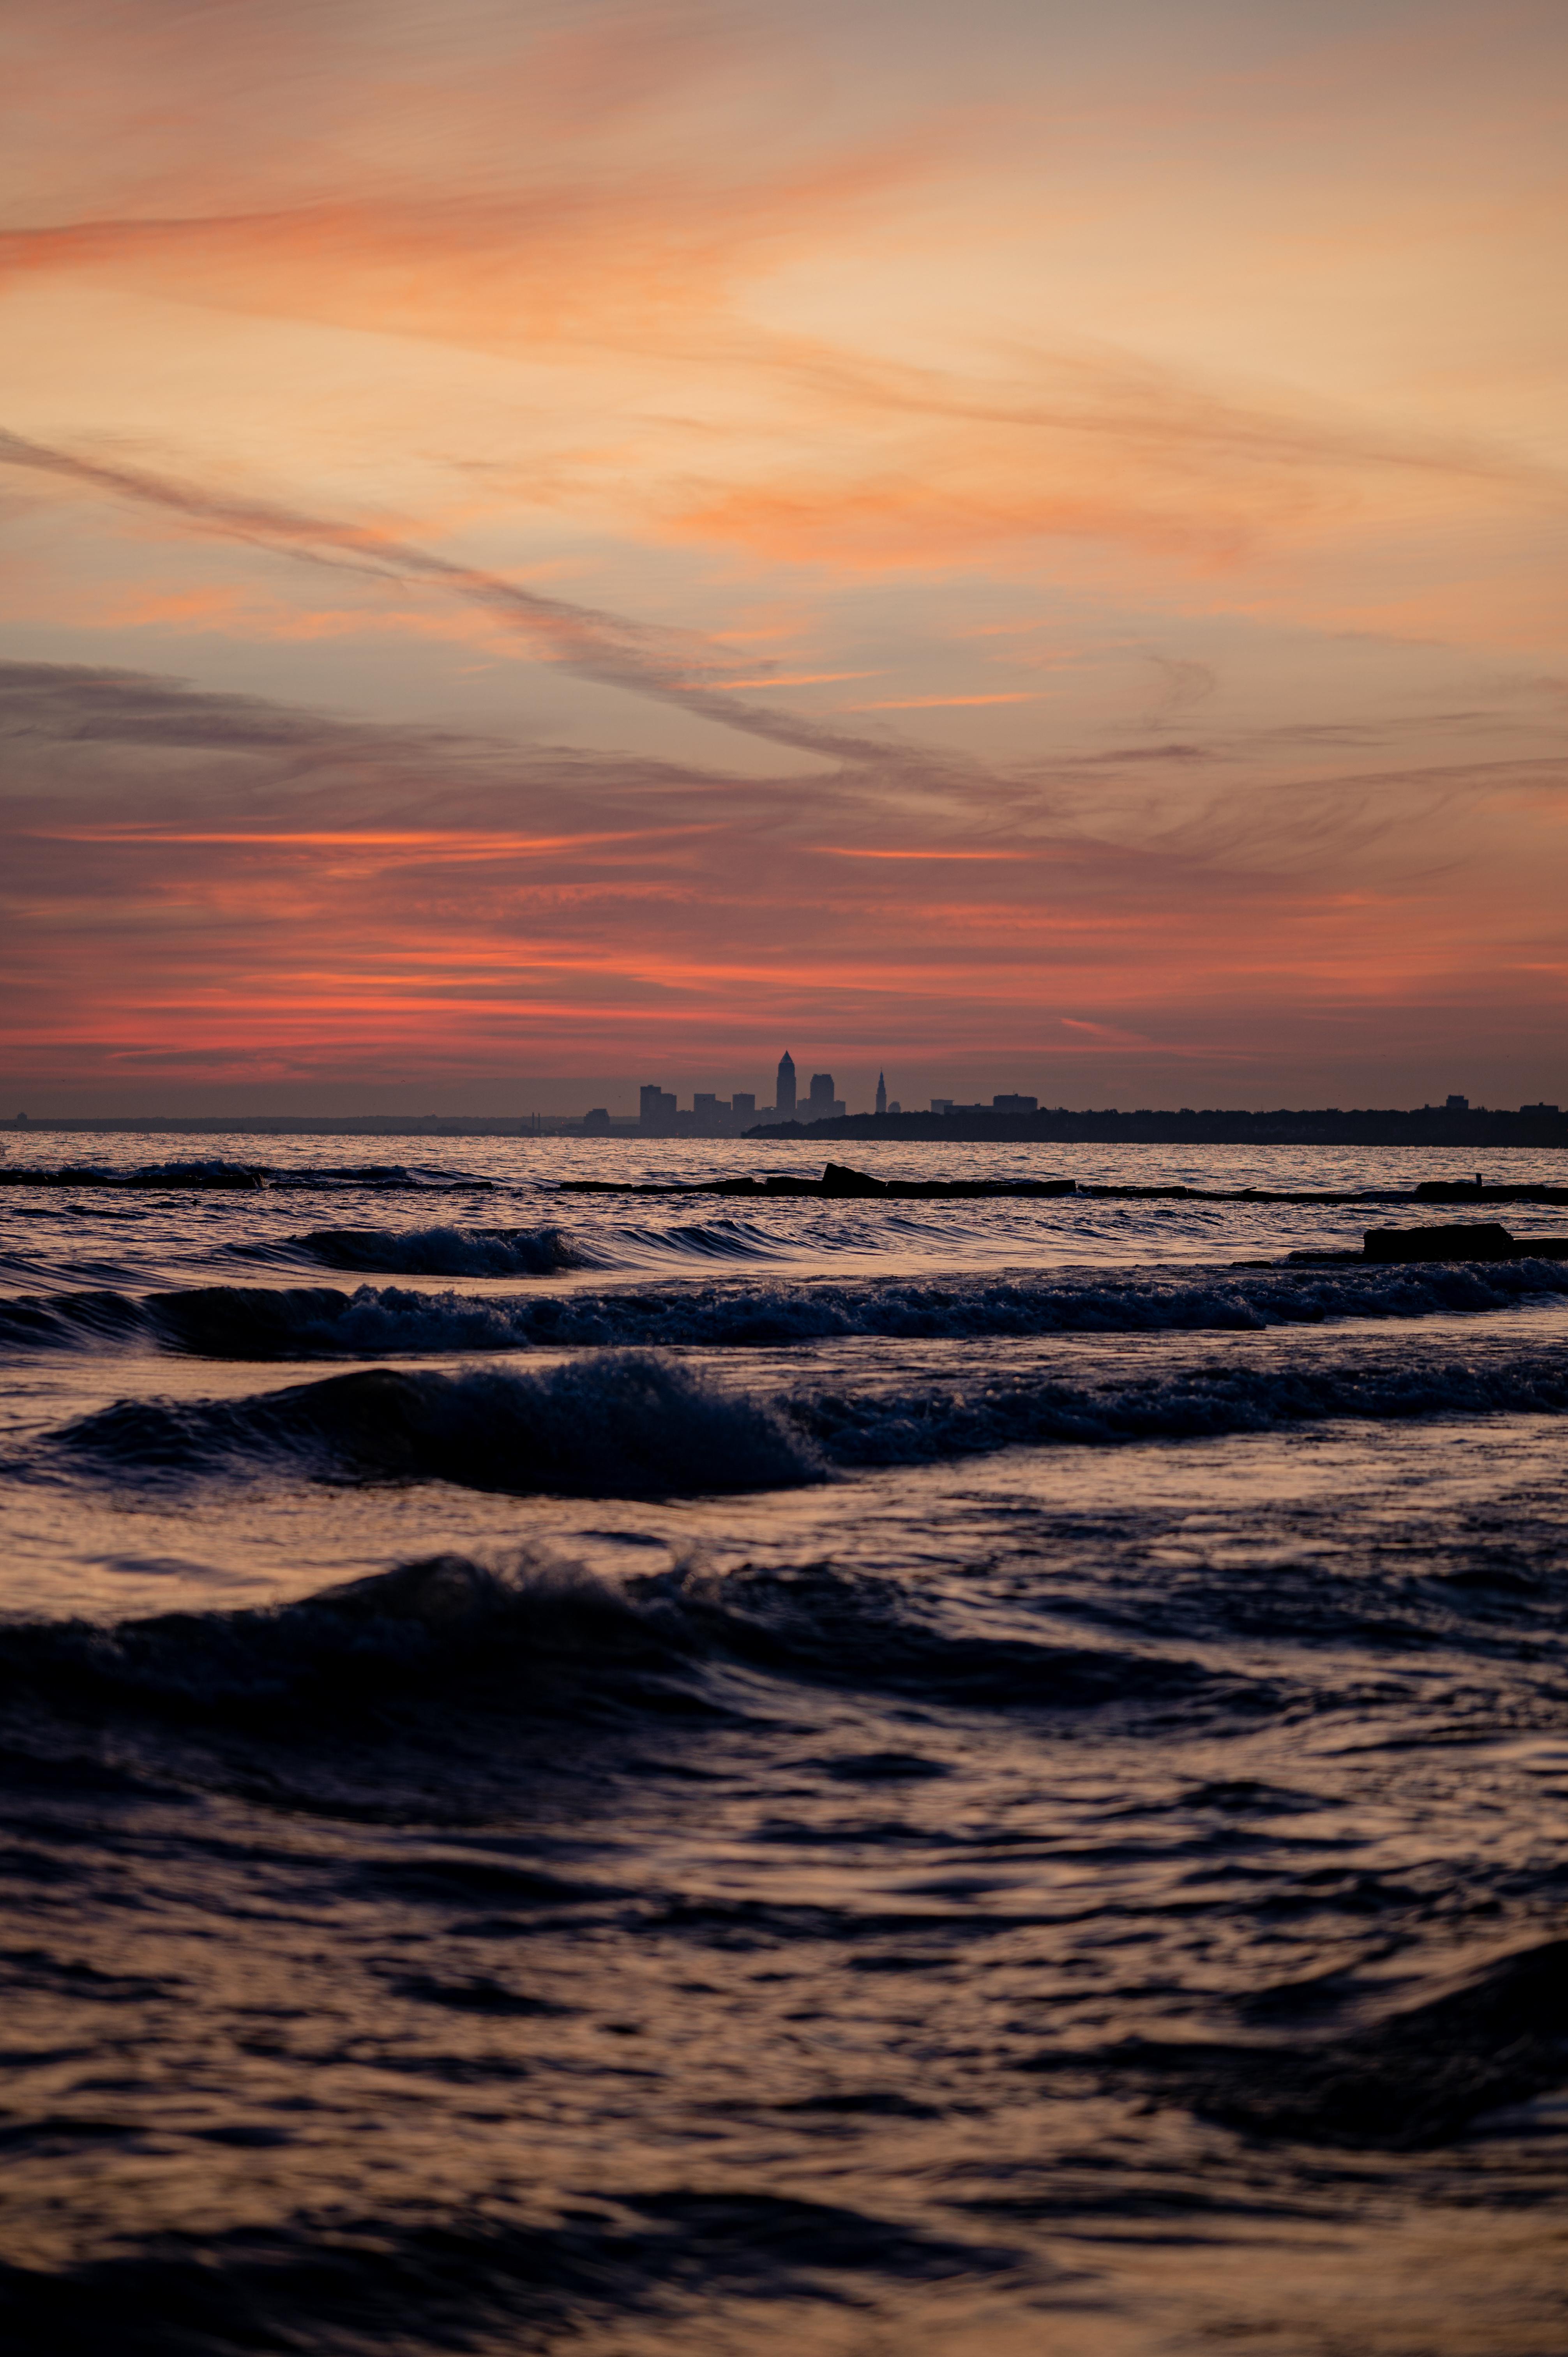 73650壁紙のダウンロード自然, 市, 都市, 日没, 地平線, 海, スカイ-スクリーンセーバーと写真を無料で